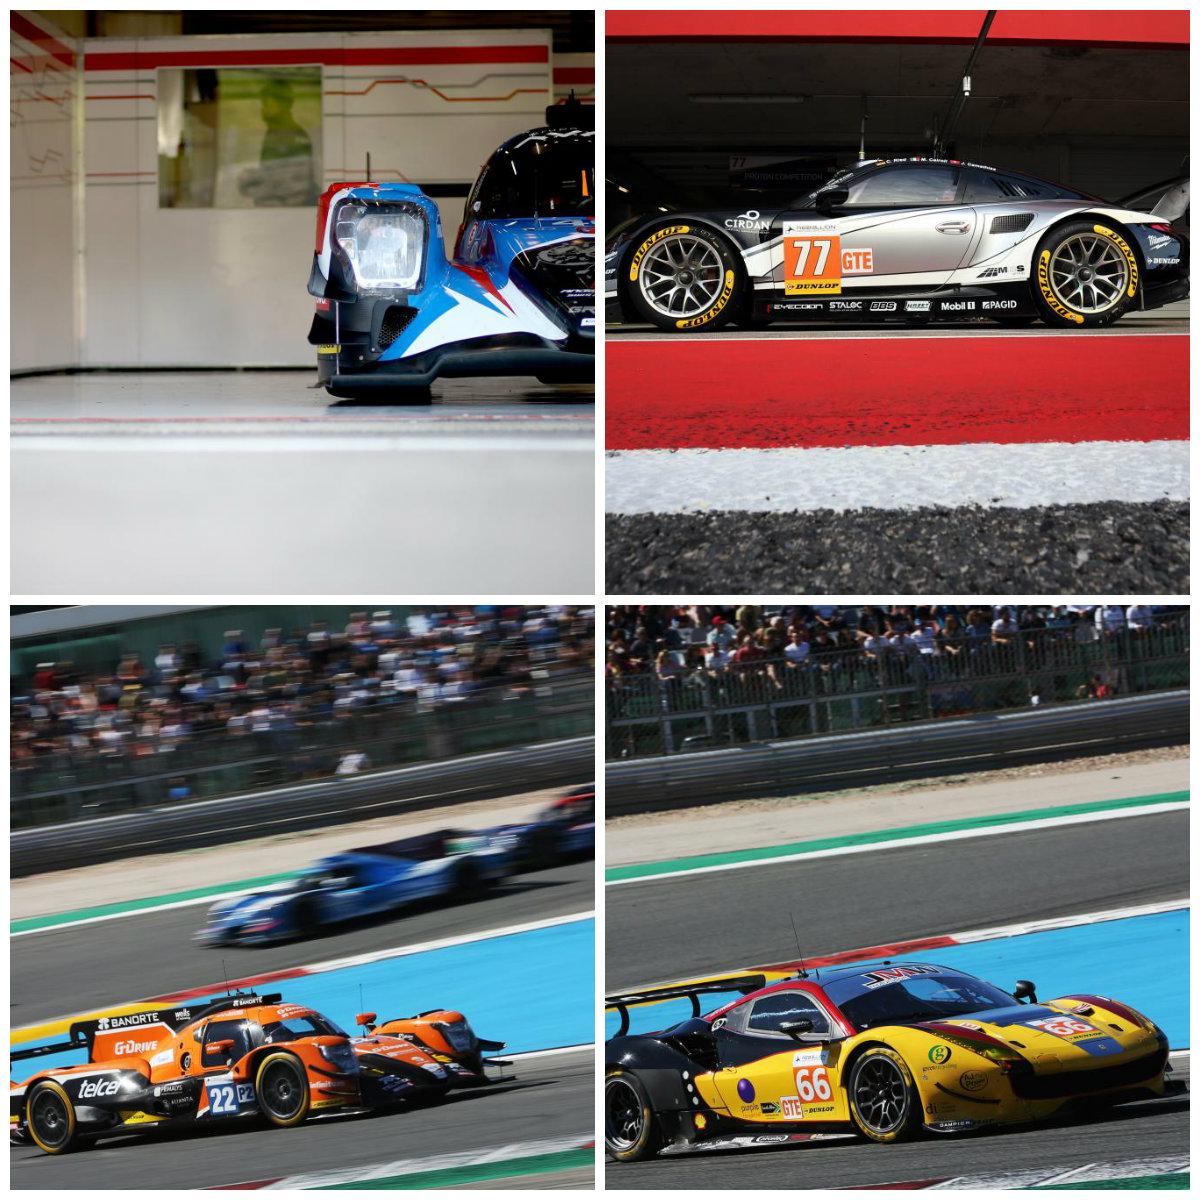 Vencedores da corrida em cima: (Graff Racing e Proton Competitiom). Campeões em baixo: (G-Drive e JMW Motorsports). Fotos: ELMS